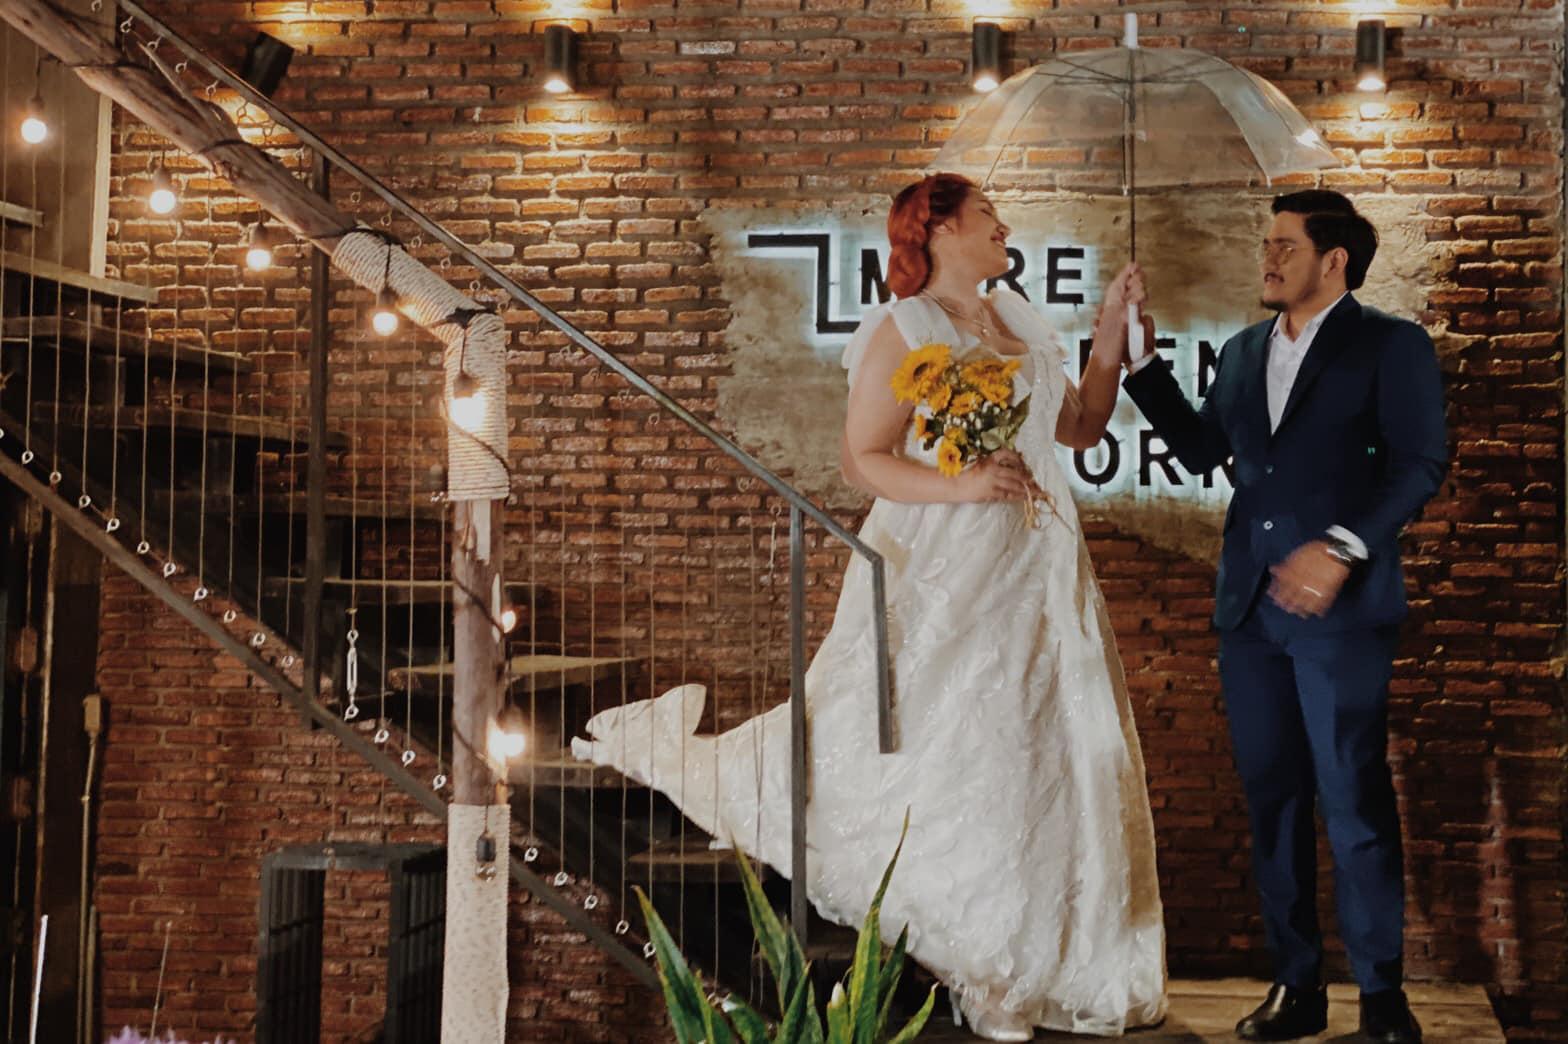 新娘與新郎舉行婚禮。網上圖片